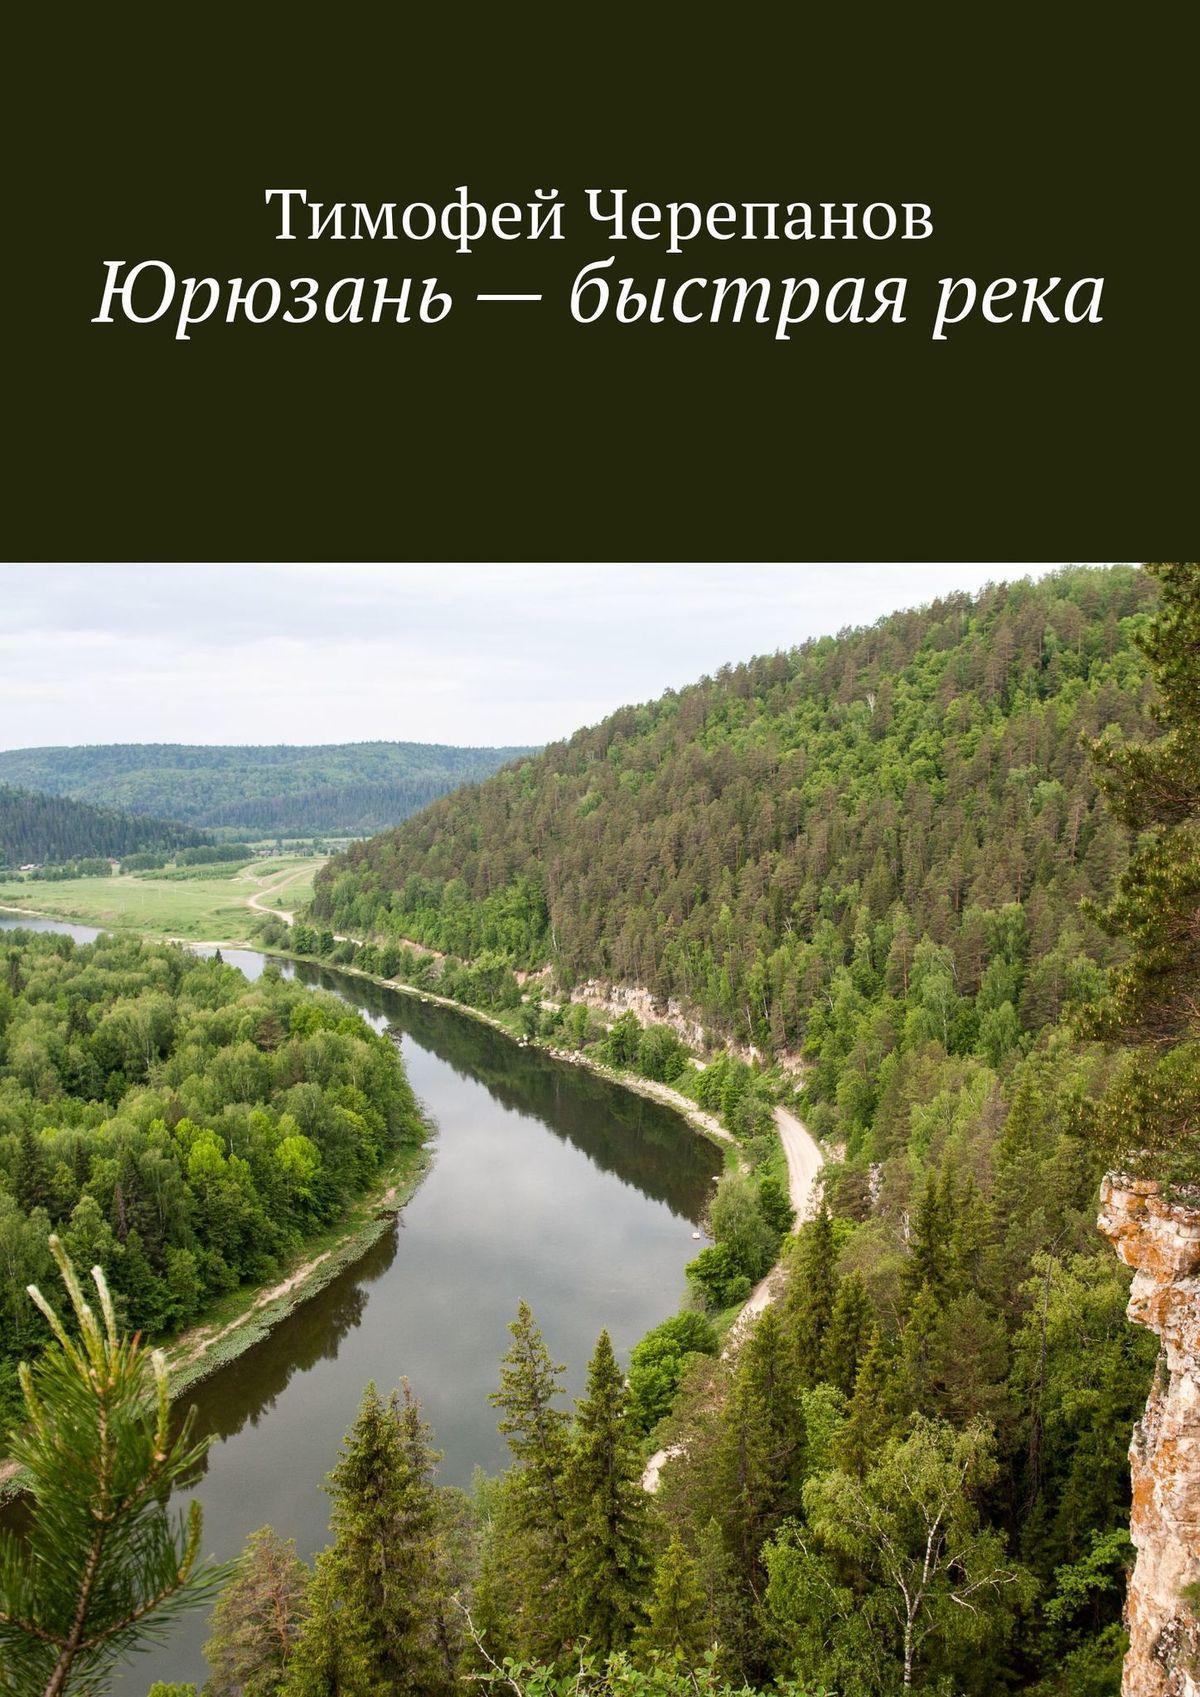 Юрюзань – быстрая река